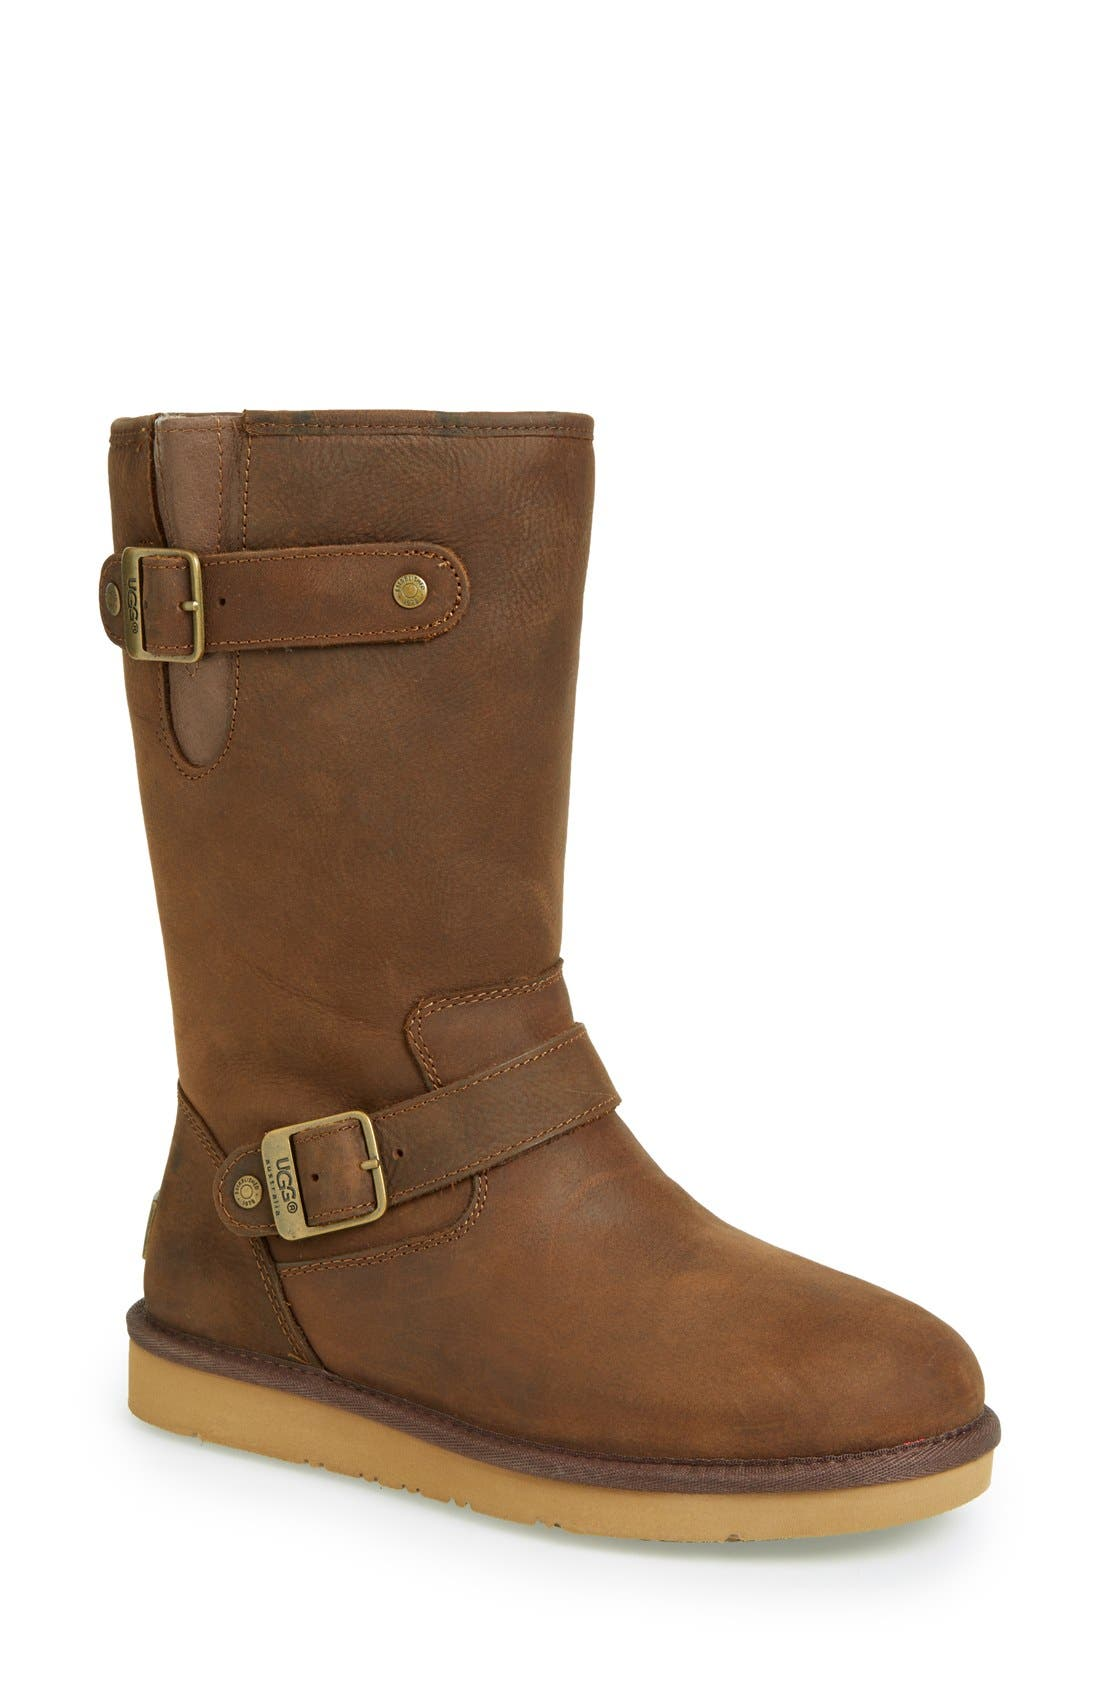 Alternate Image 1 Selected - UGG® Australia 'Sutter' Boot (Women)